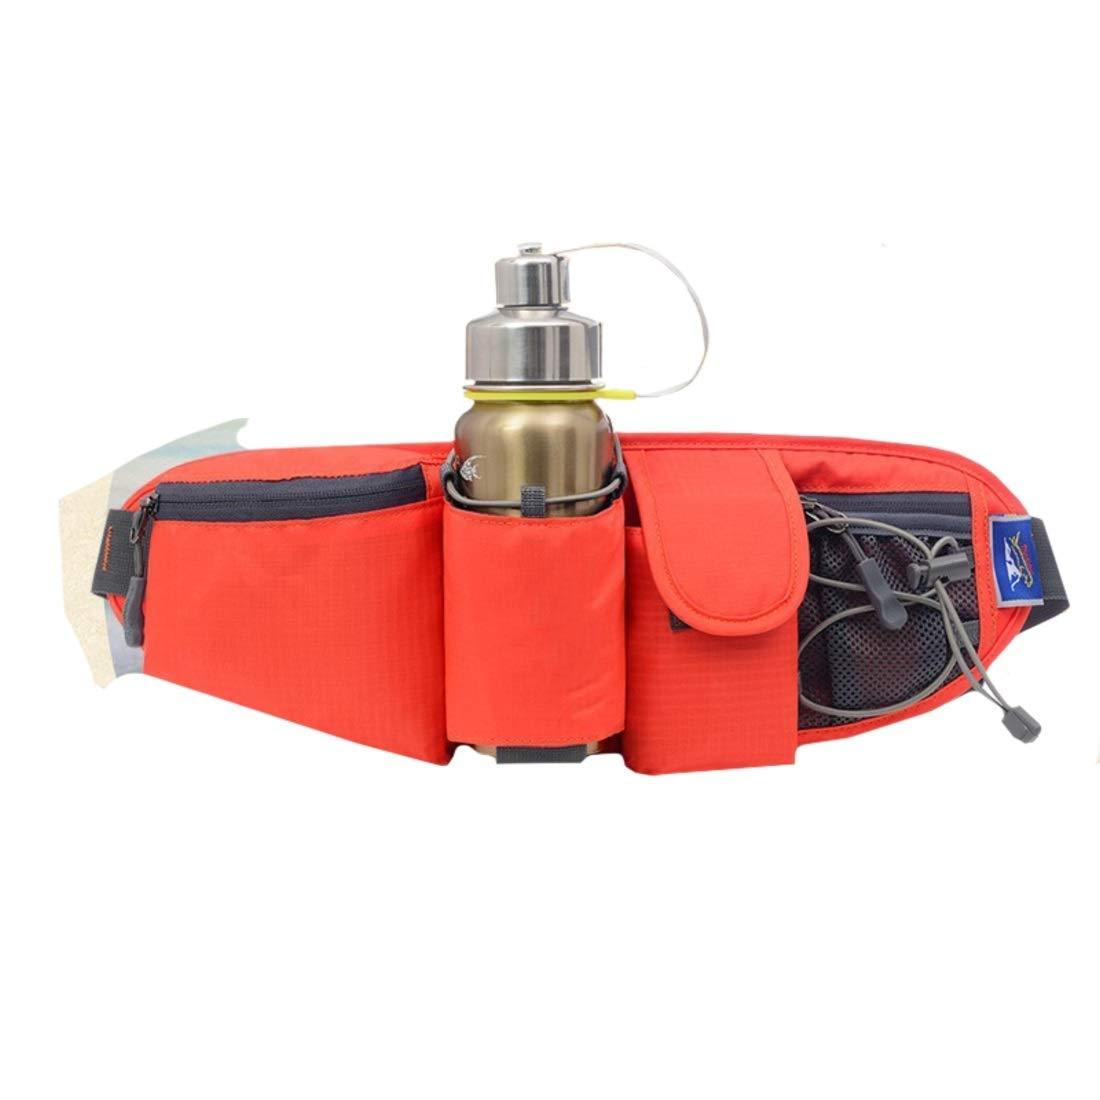 Xasclnis Unisexe Running ceinture avec porte-bouteille deau imperm/éable respirant taille sac s/écurit/é taille pochette sac banane pour la marche vacances randonn/ée p/édestre v/élo en cours dex/écution e